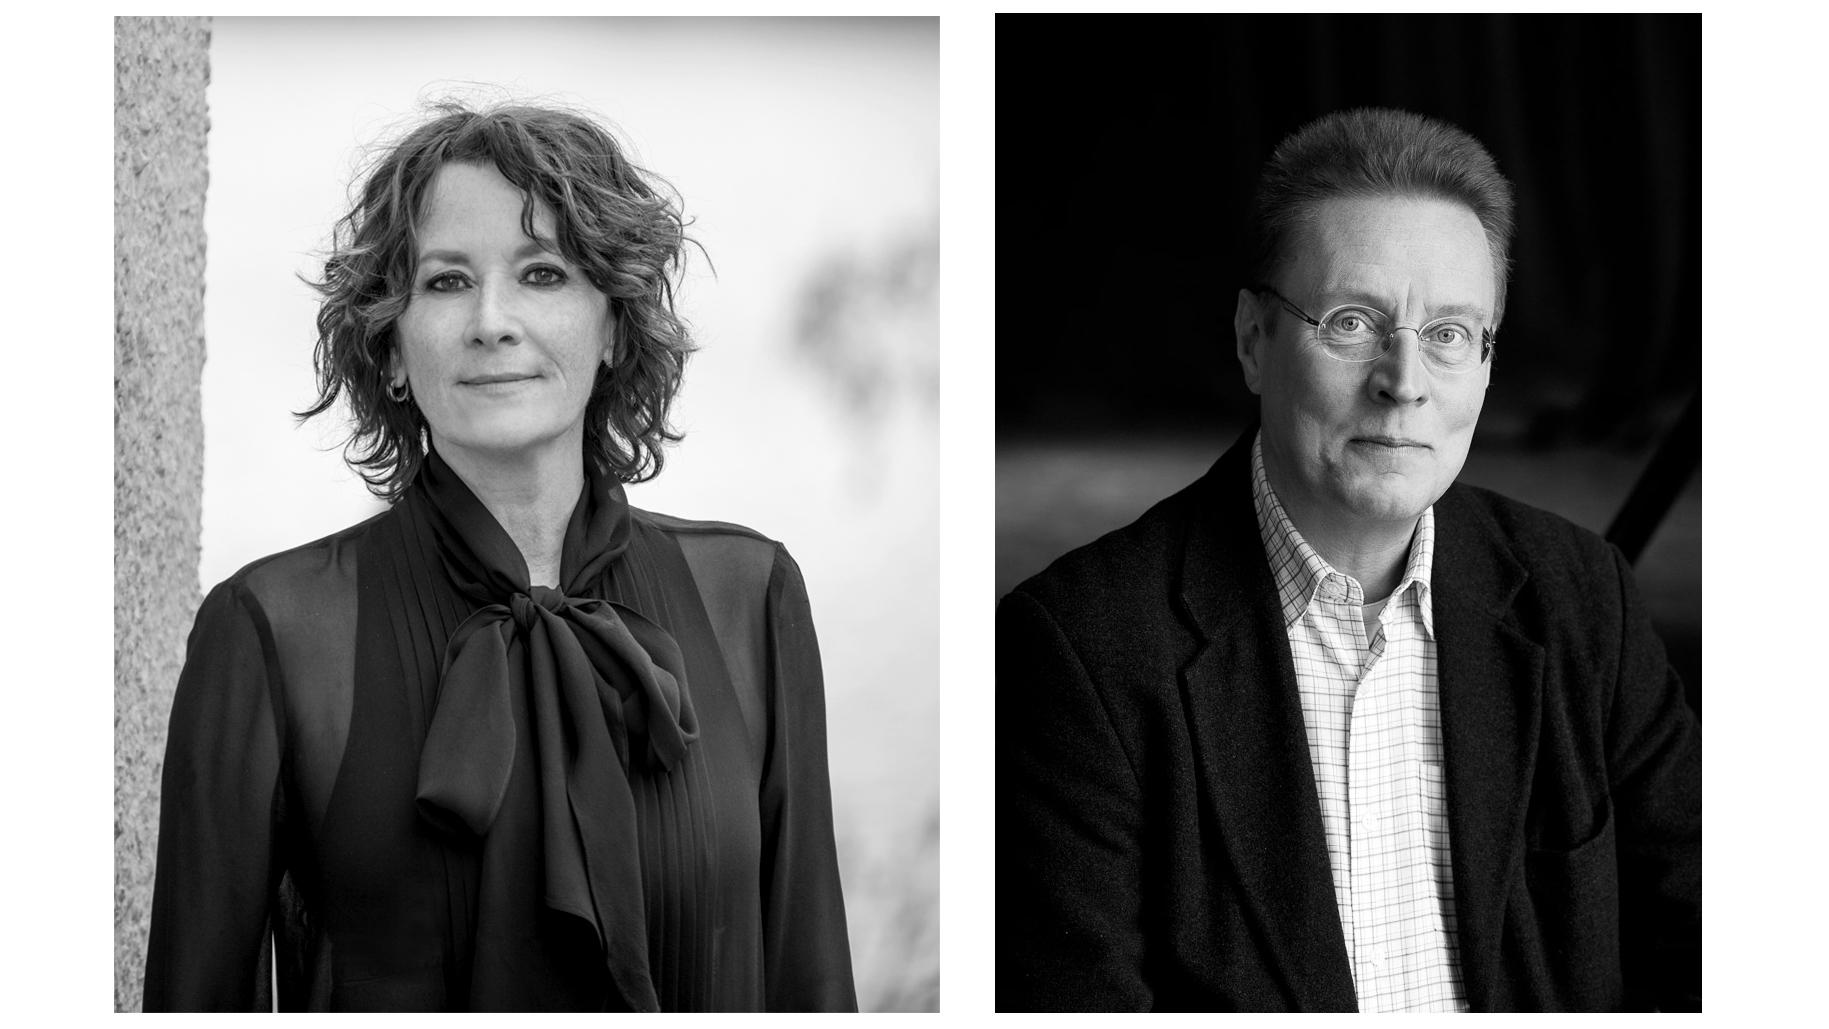 Porträttbilder av Mian Lodalen och Erik Lindfeld